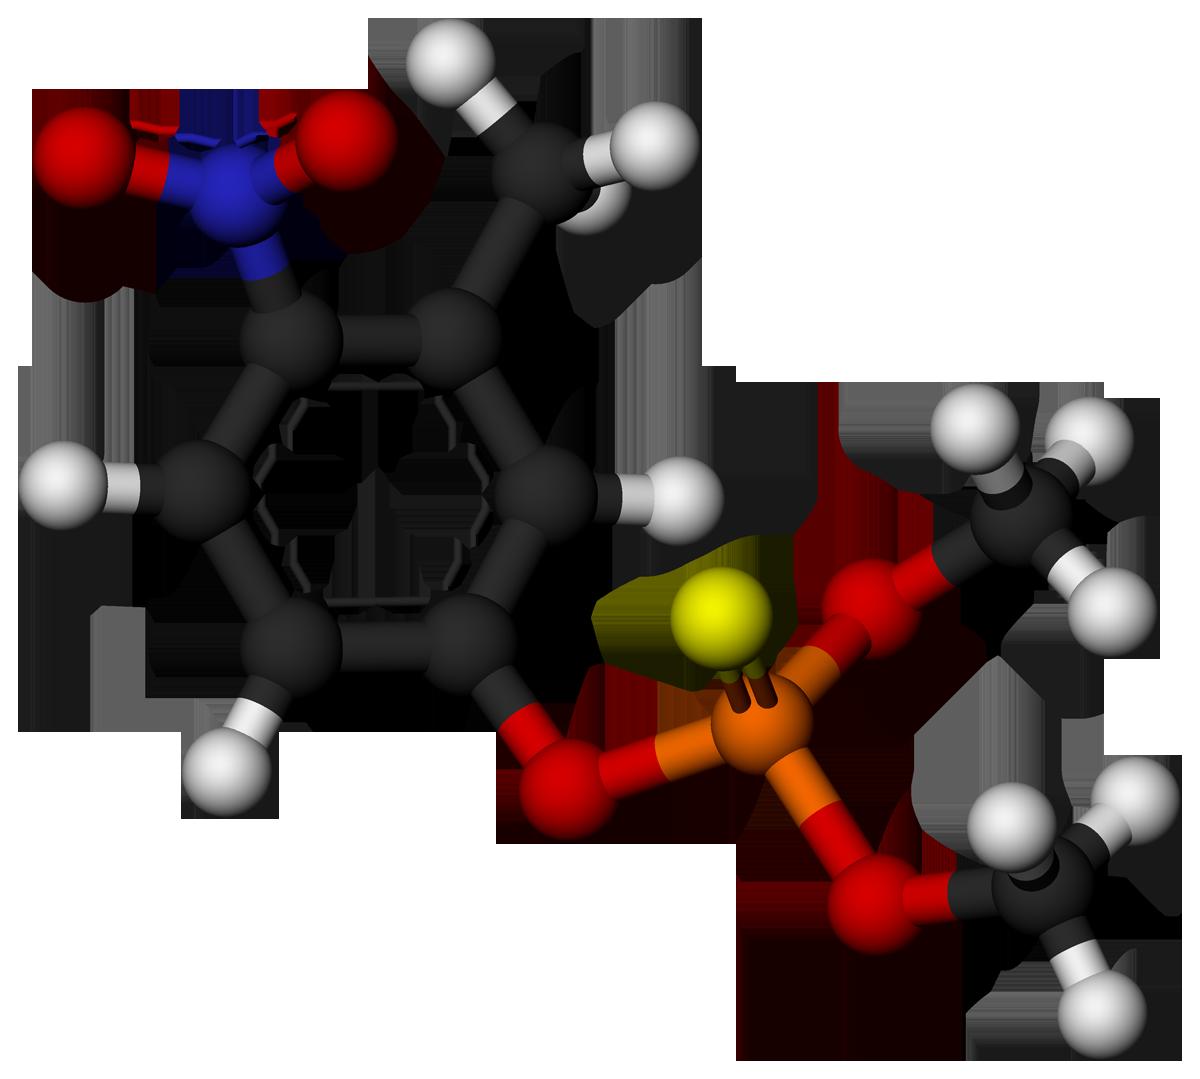 Fénitrothion - Paramètre chimique